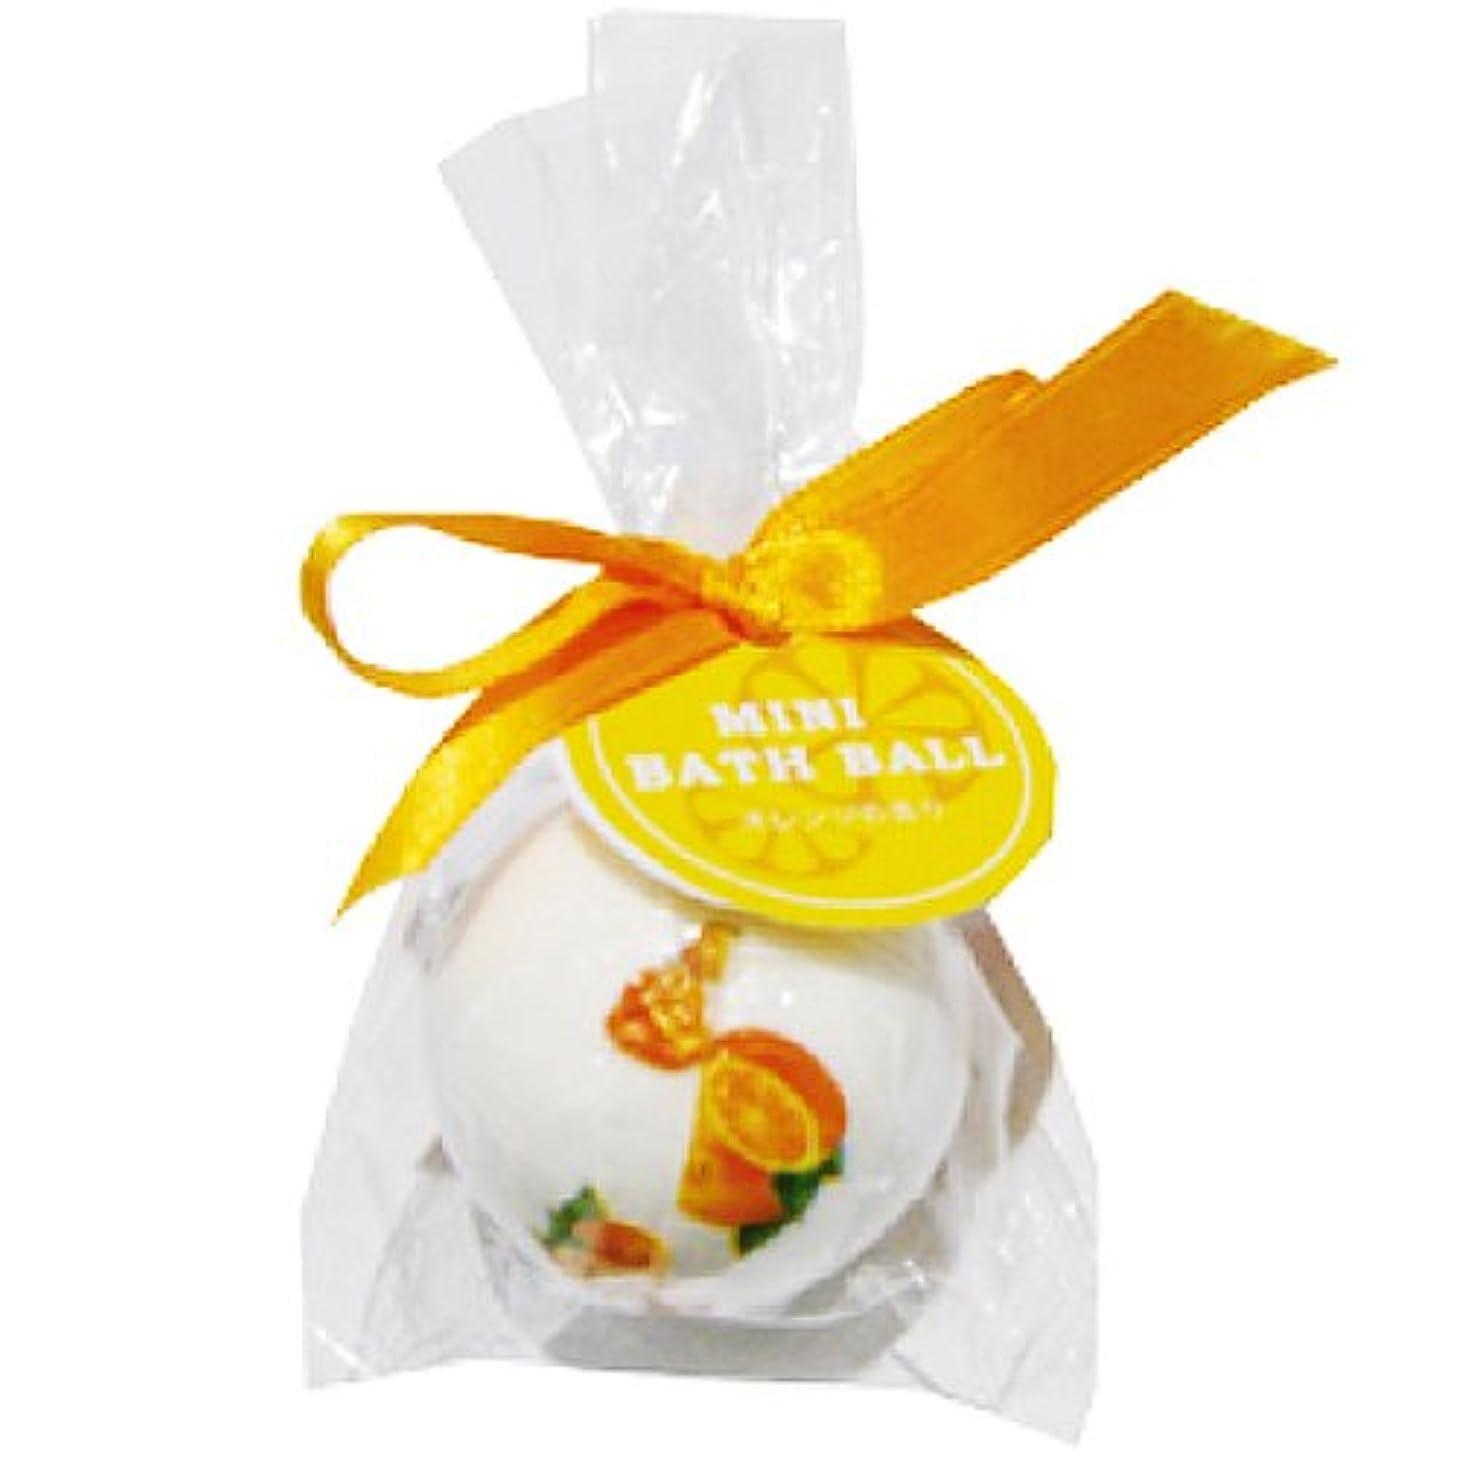 収穫記事交換可能チャーリー ミニバスボール オレンジの香り 30g